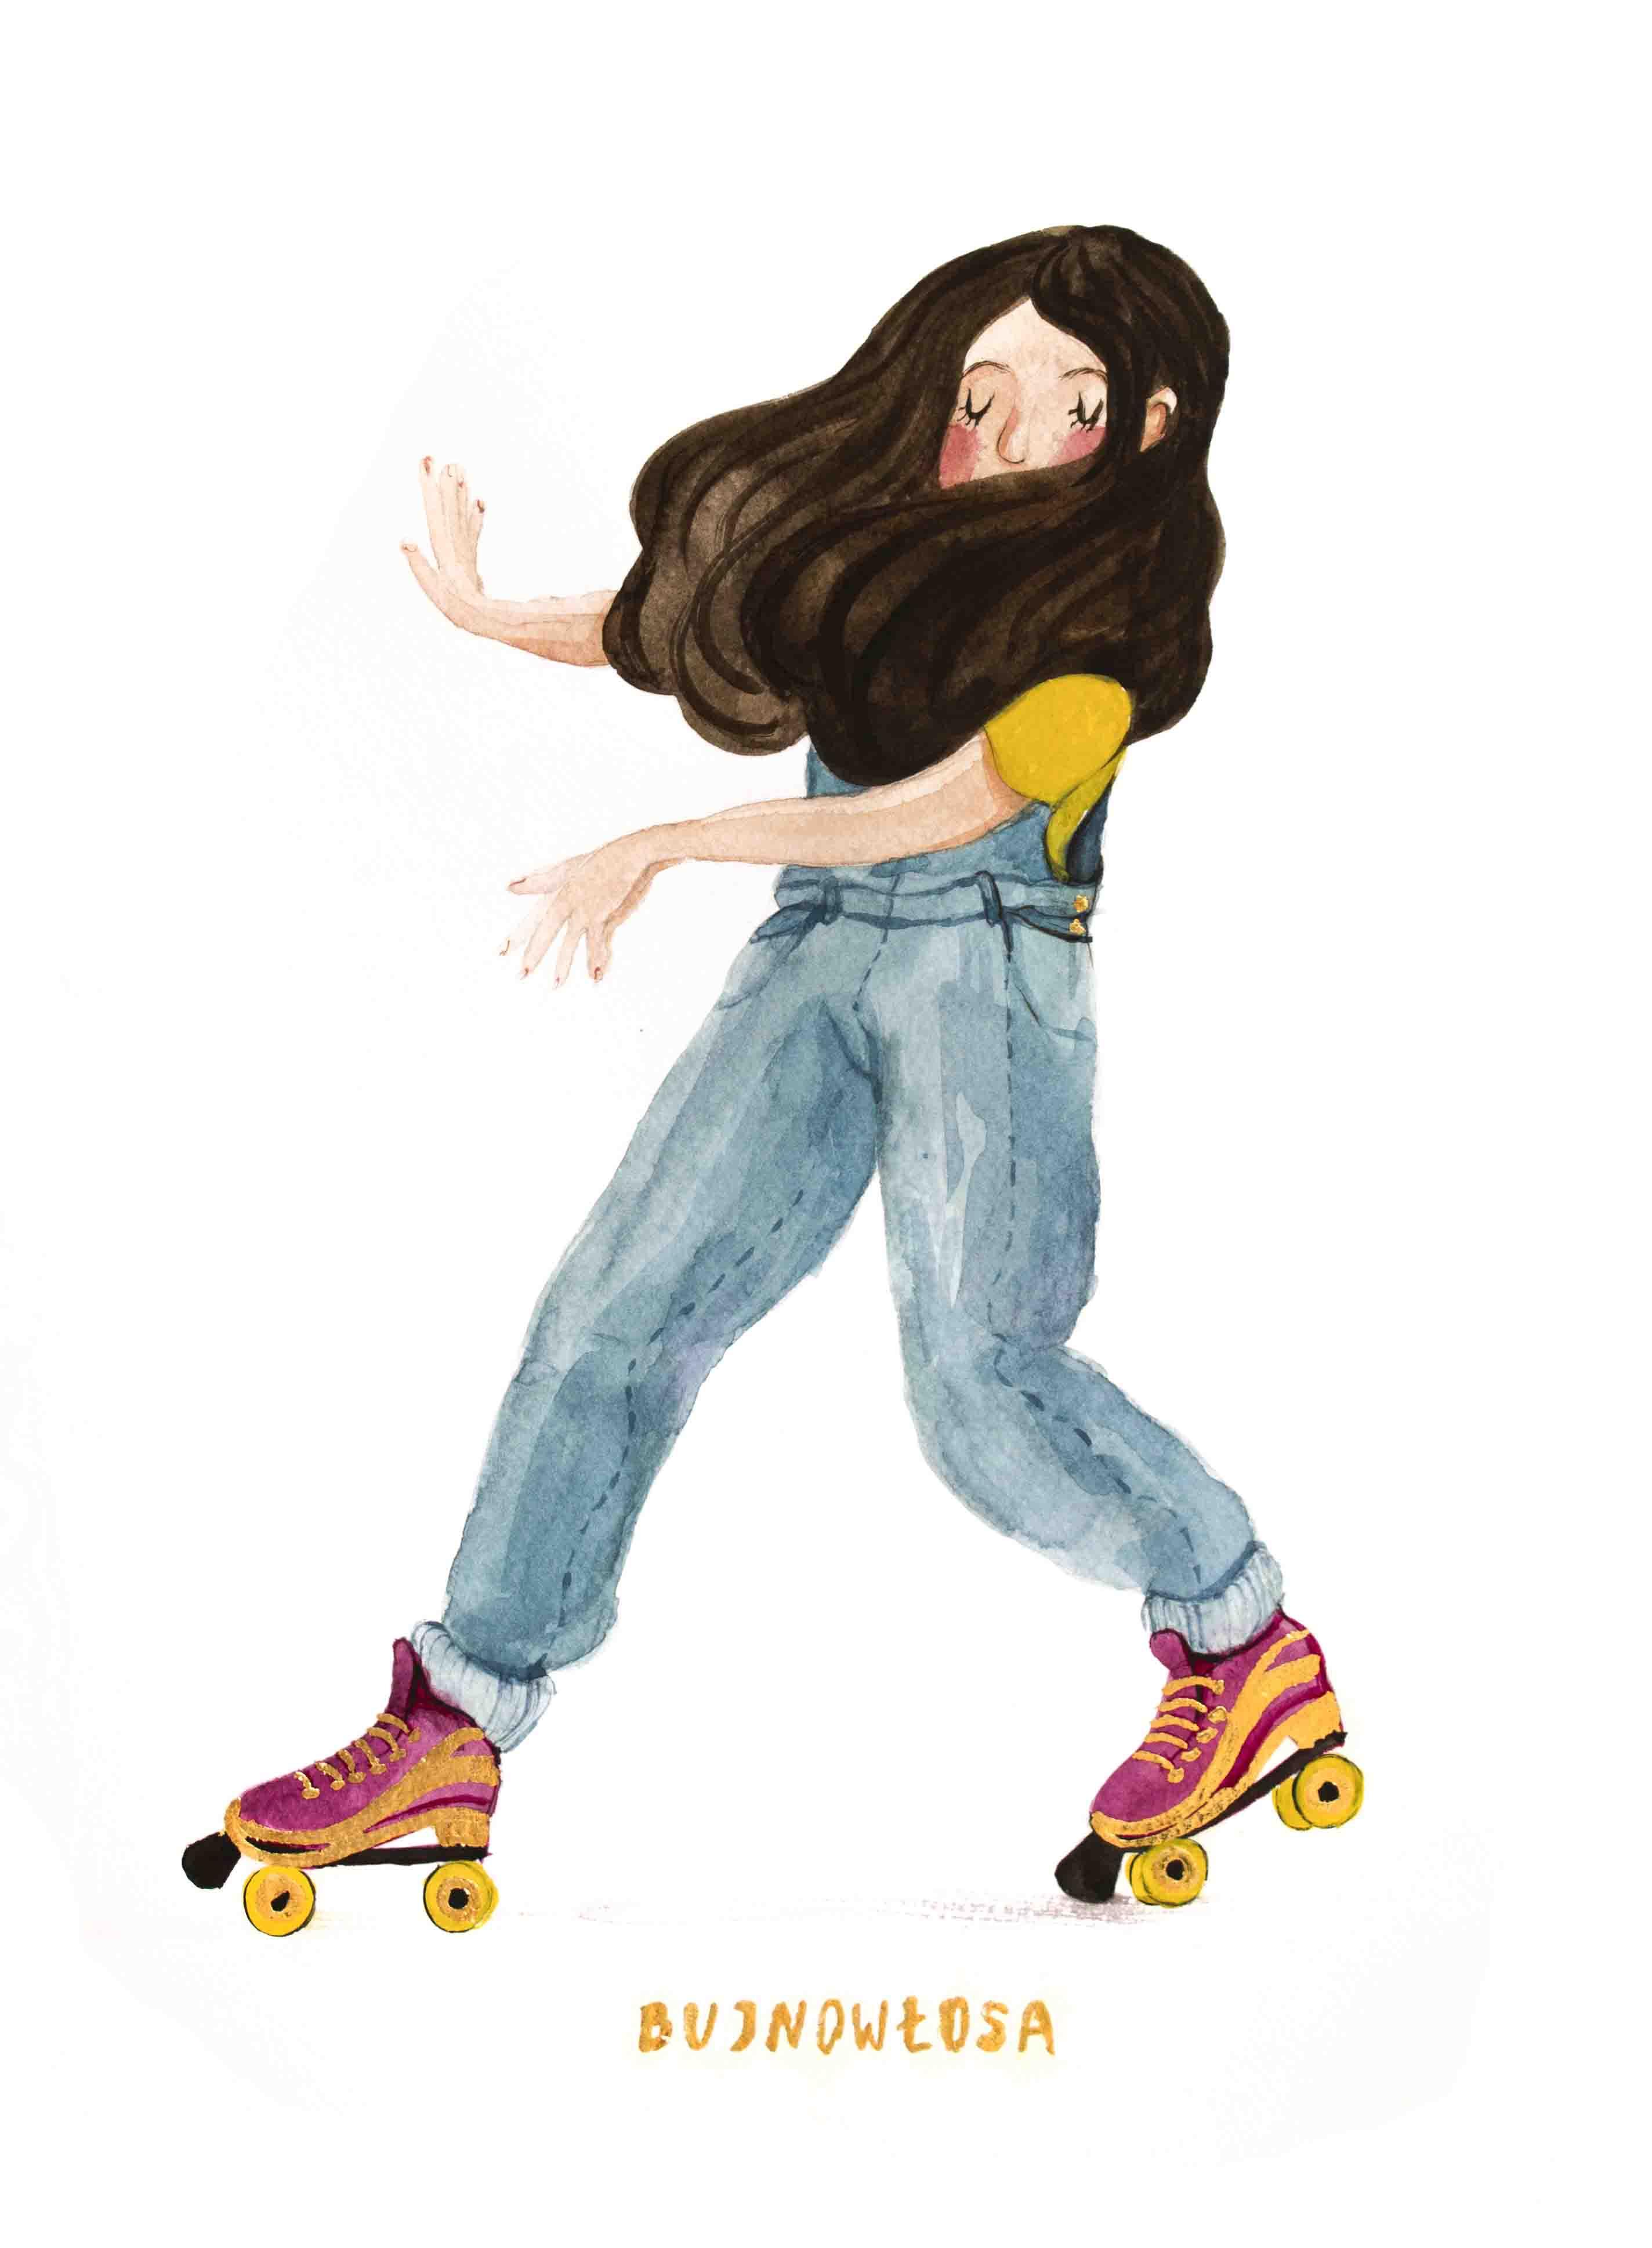 Ilustracja dziewczyny na wrotkach